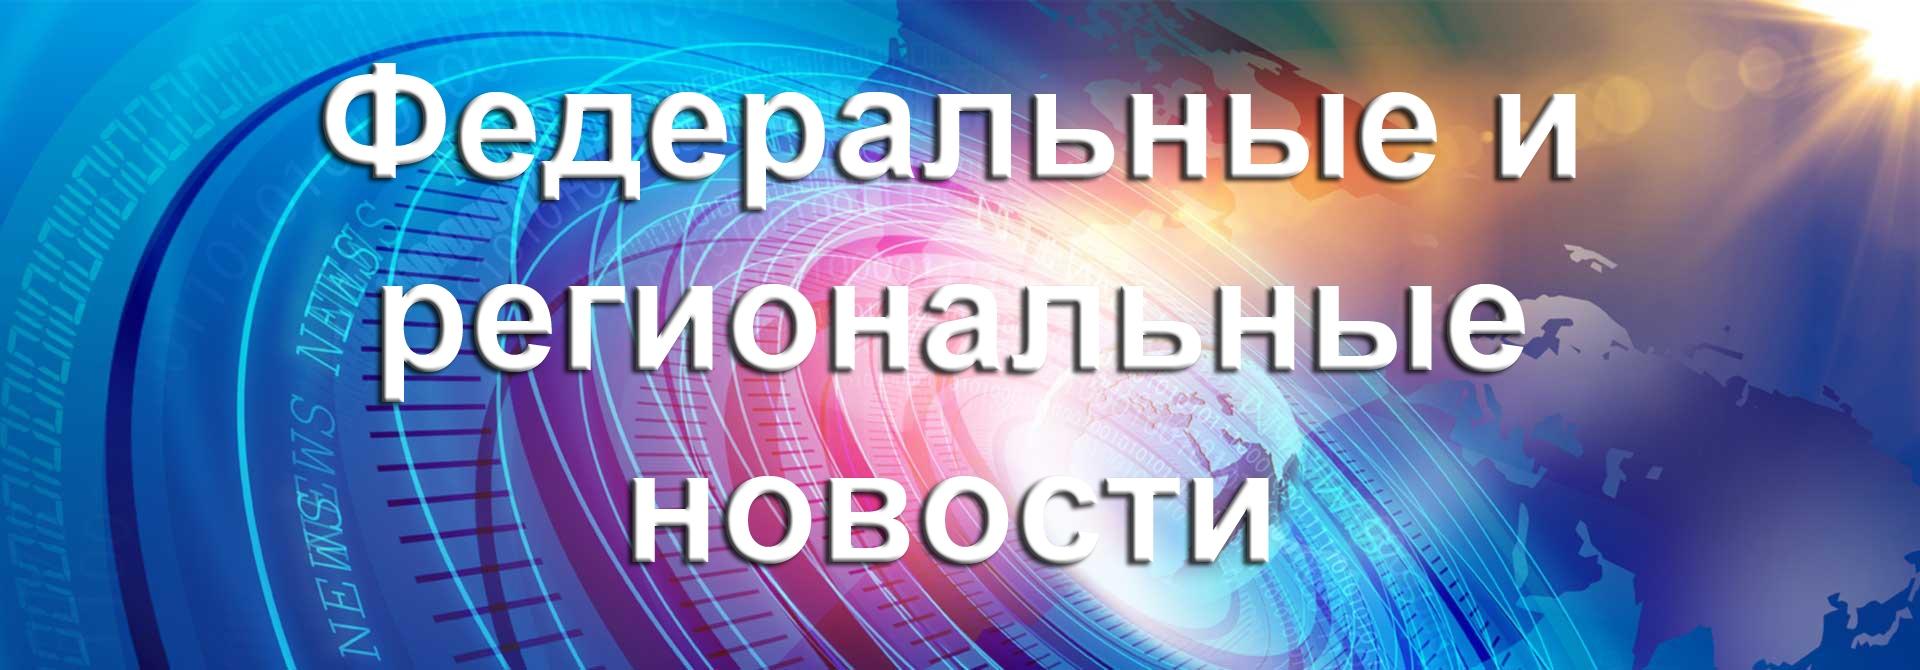 Федеральные и региональные новости